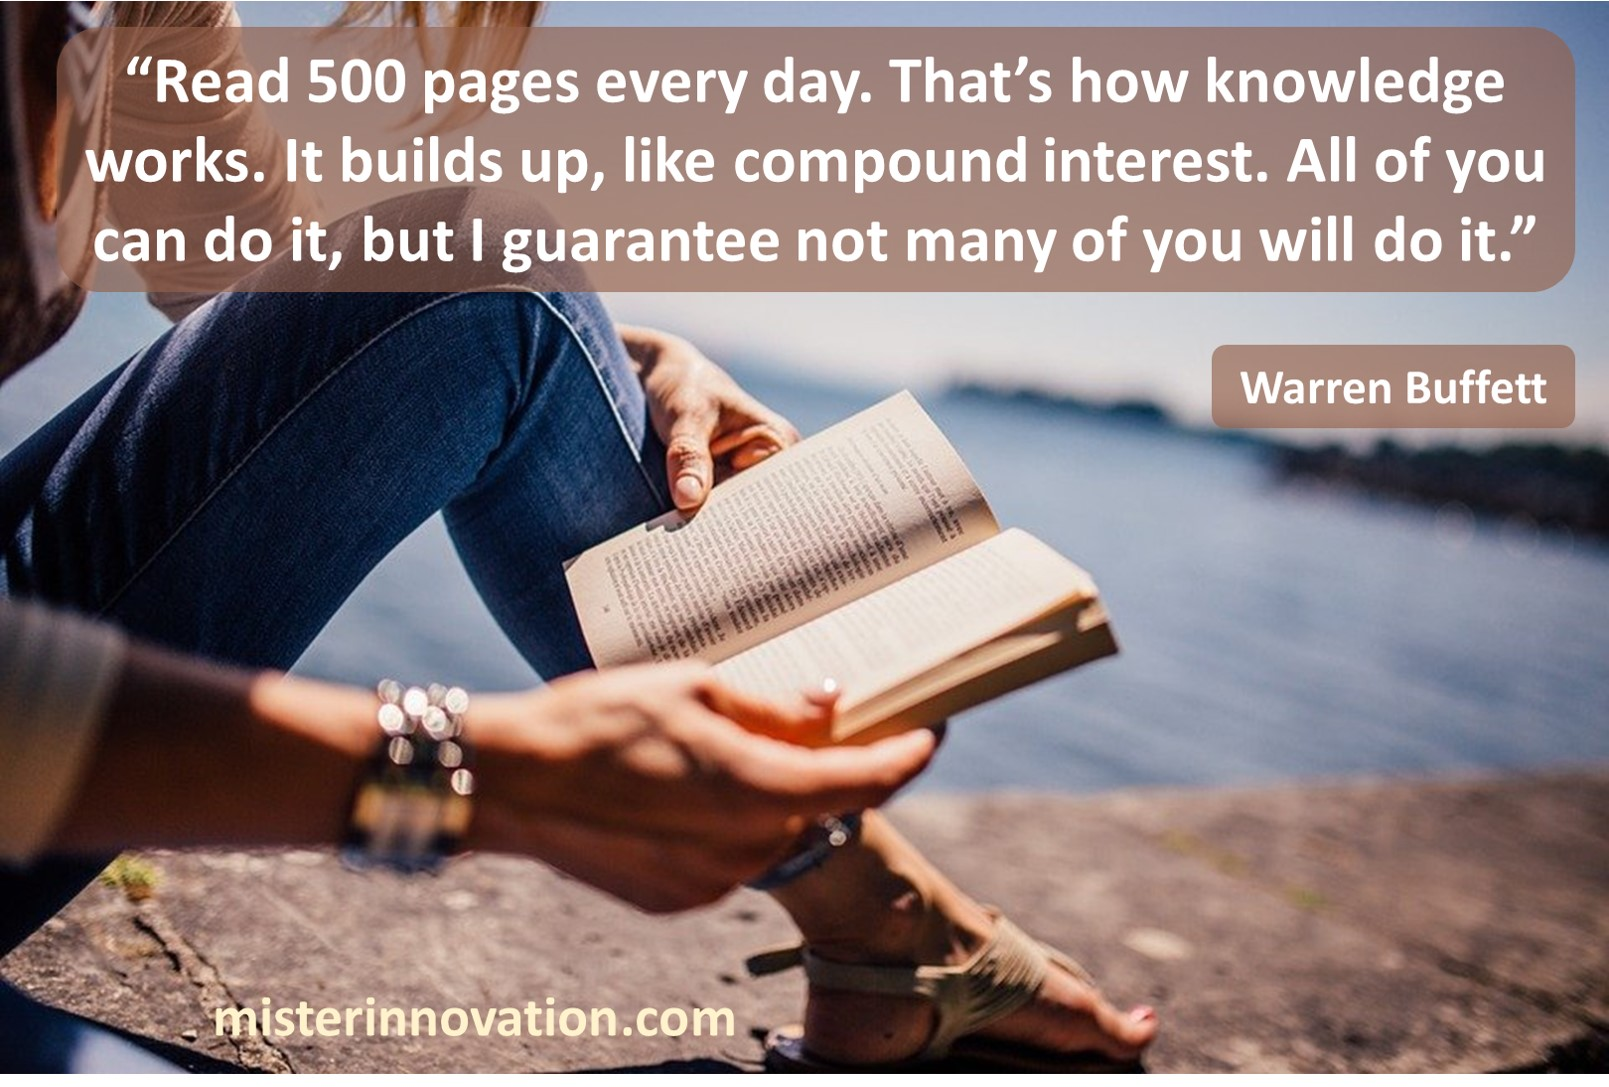 Warren Buffett Reading